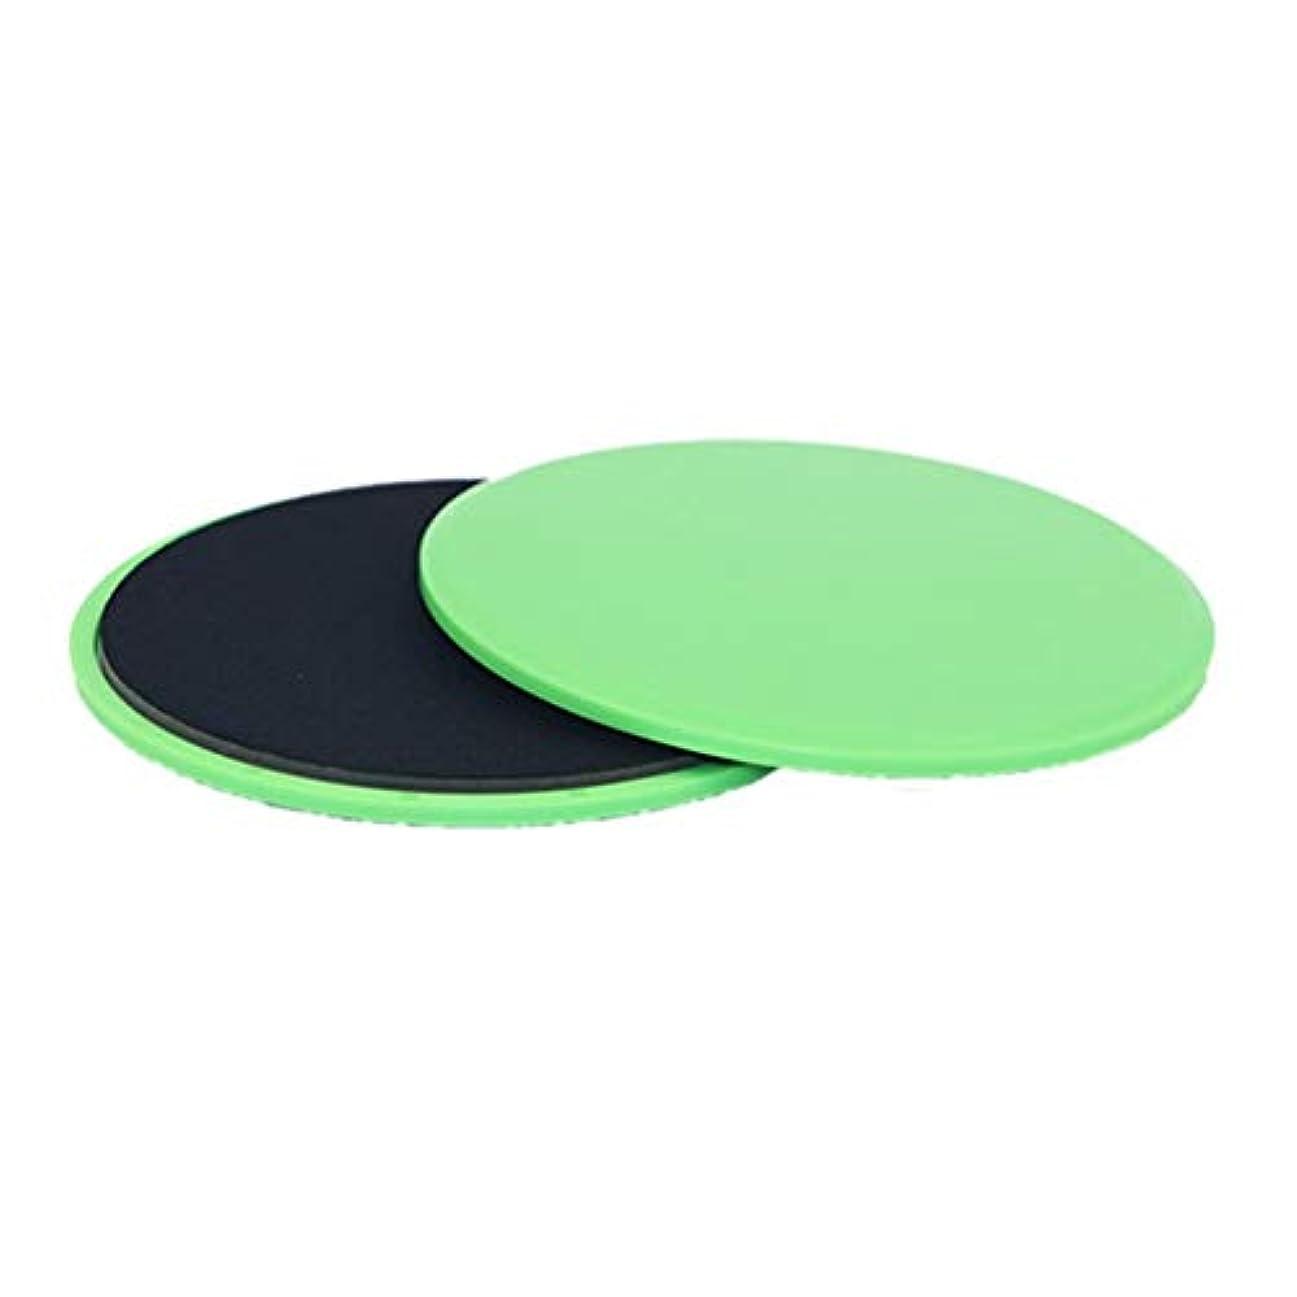 ペスト埋め込む状況フィットネススライドグライディングディスクコーディネーション能力フィットネスエクササイズスライダーコアトレーニング用腹部と全身トレーニング - グリーン